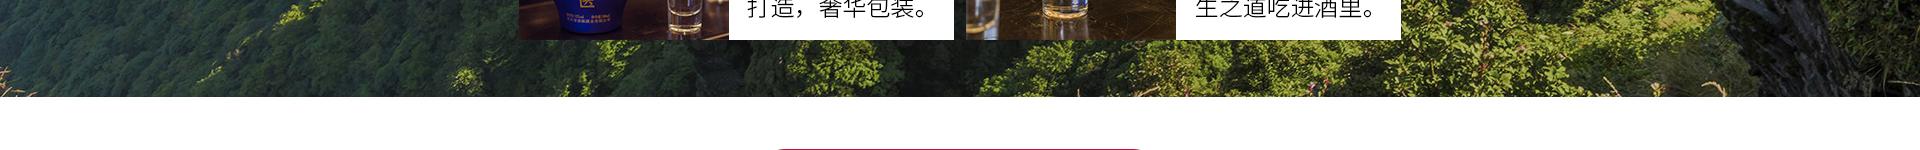 老宗医-吃酒有方-34